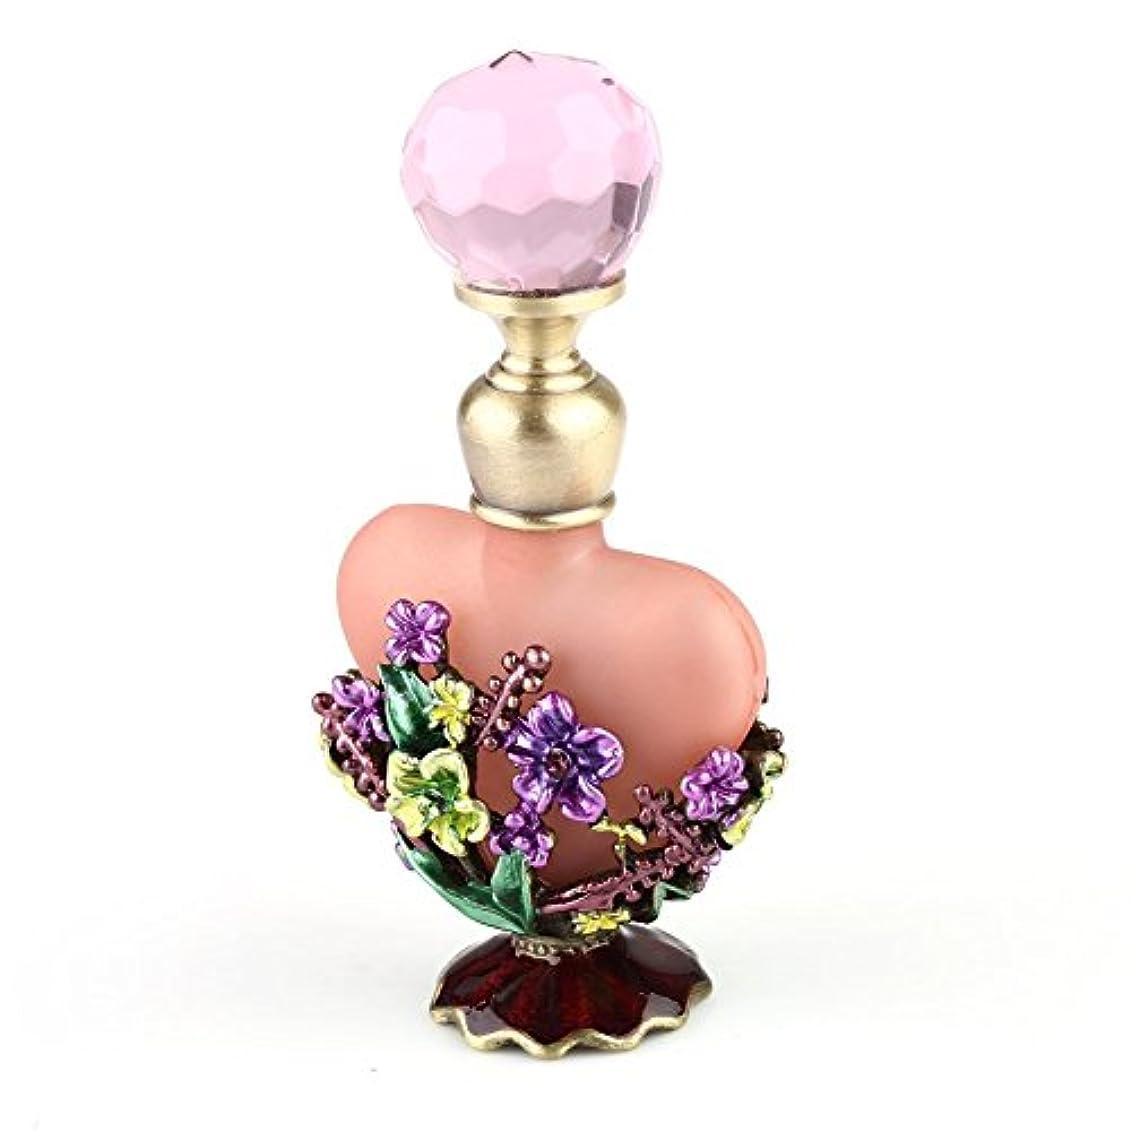 聡明おそらくビヨンVERY100 高品質 美しい香水瓶/アロマボトル 5ML ピンク アロマオイル用瓶 綺麗アンティーク調フラワーデザイン プレゼント 結婚式 飾り